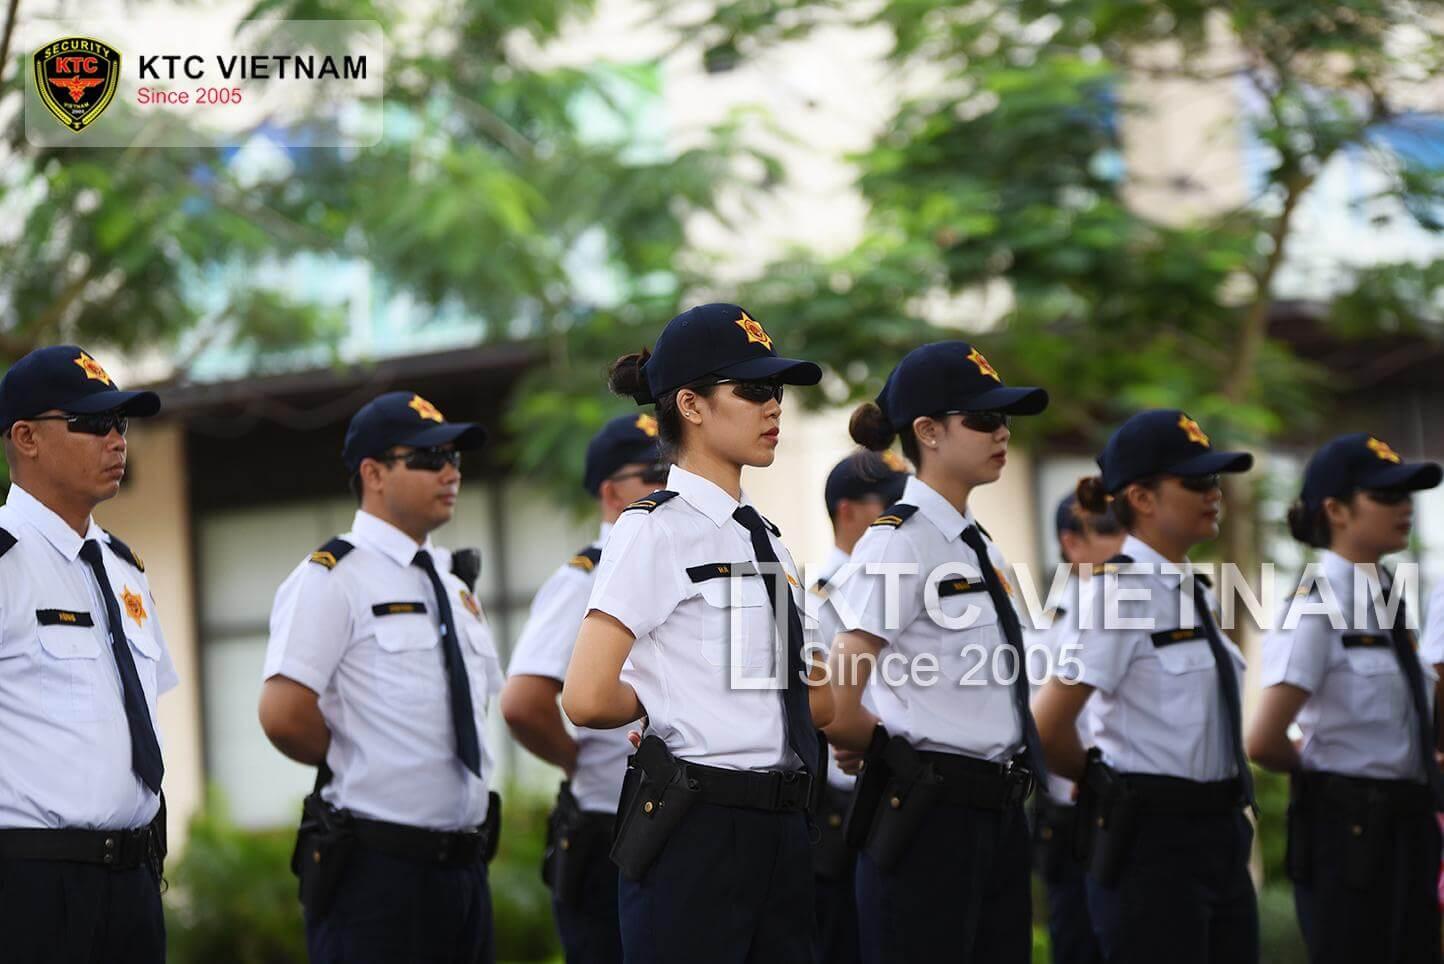 KTC Vietnam's Uniforms